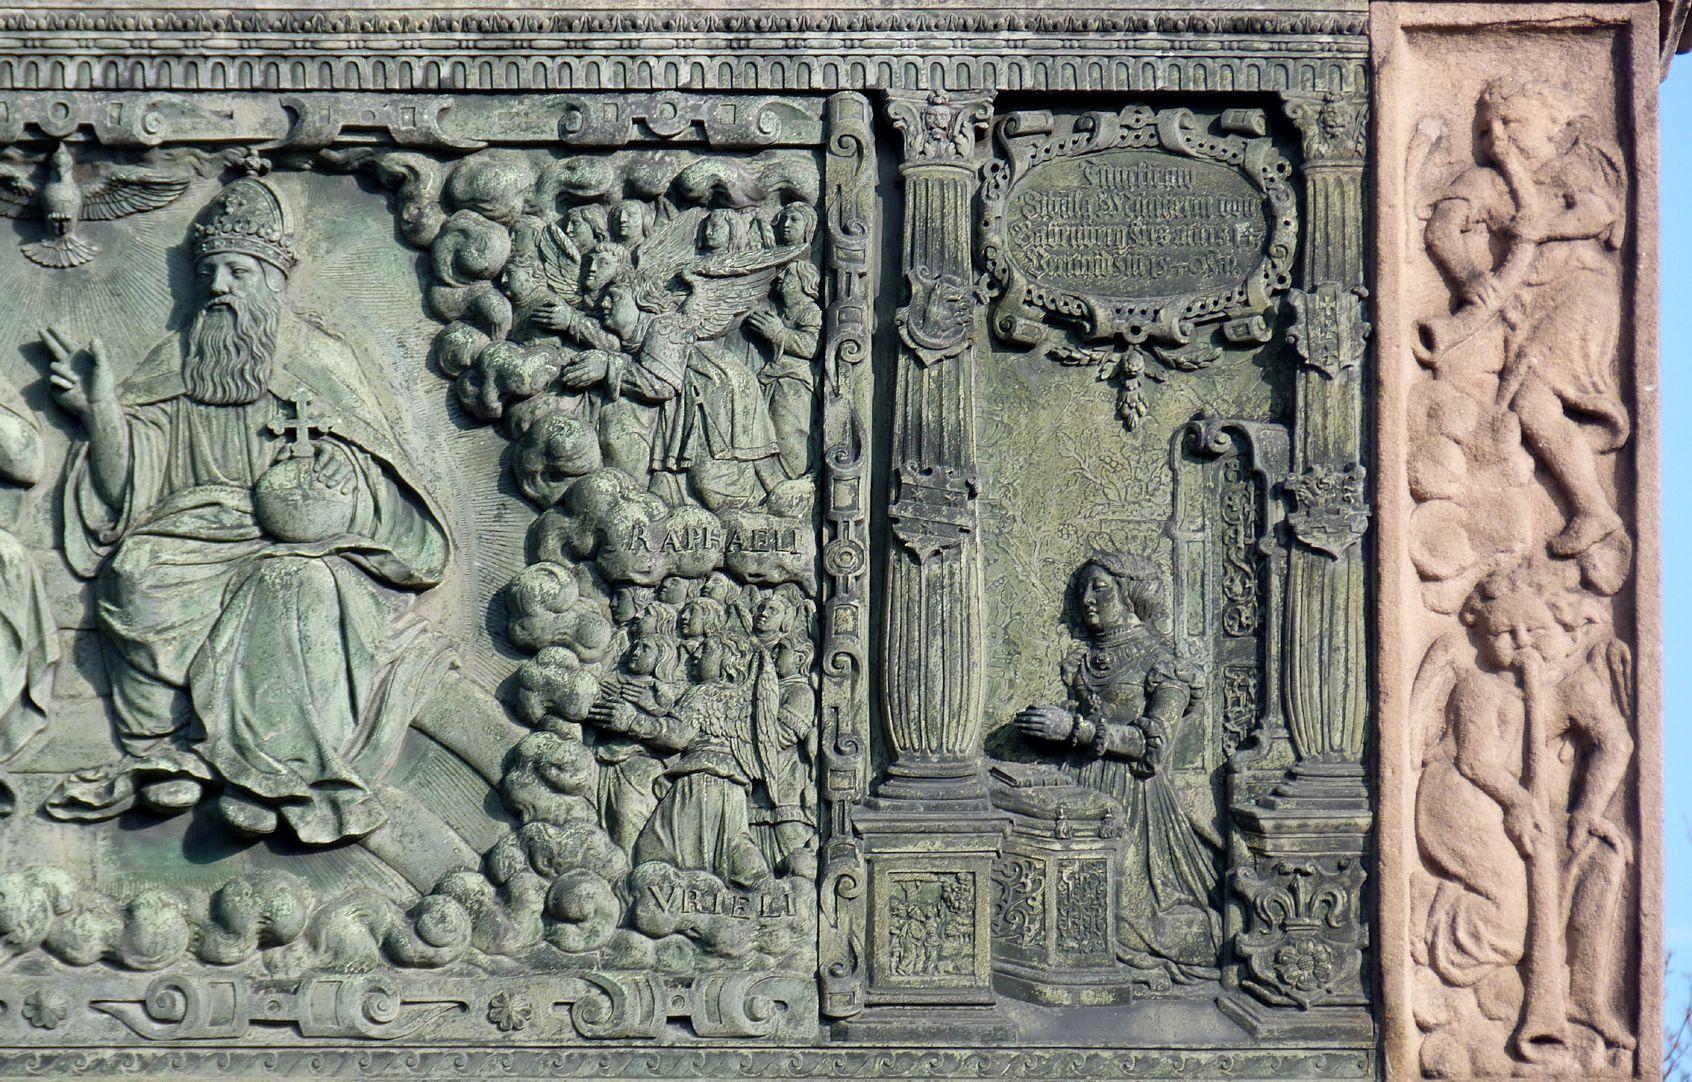 Gedächtnisstein des Wolfgang Münzer Detail der mittleren Himmelsszene mit der knienden Schwester Sybilla und Posaunenengel